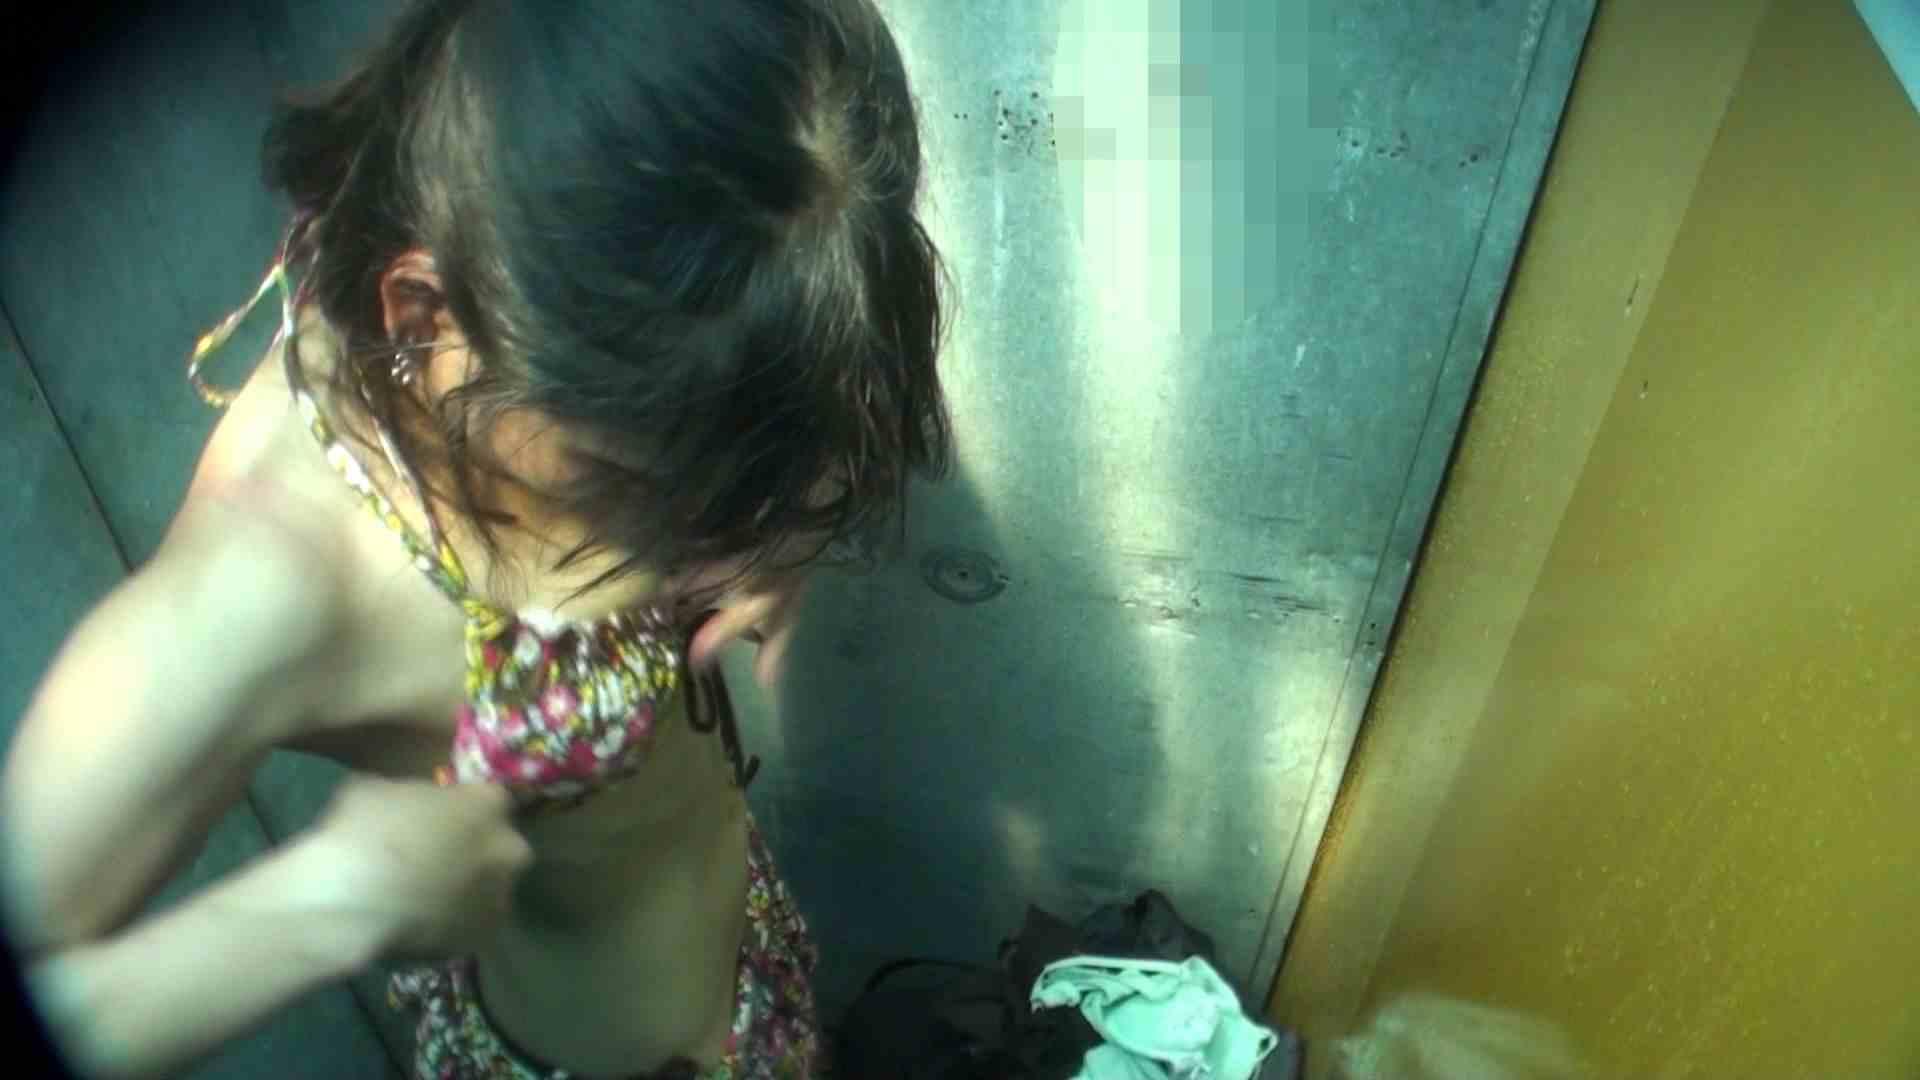 シャワールームは超!!危険な香りVol.16 意外に乳首は年増のそれ 脱衣所の着替え えろ無修正画像 105画像 48